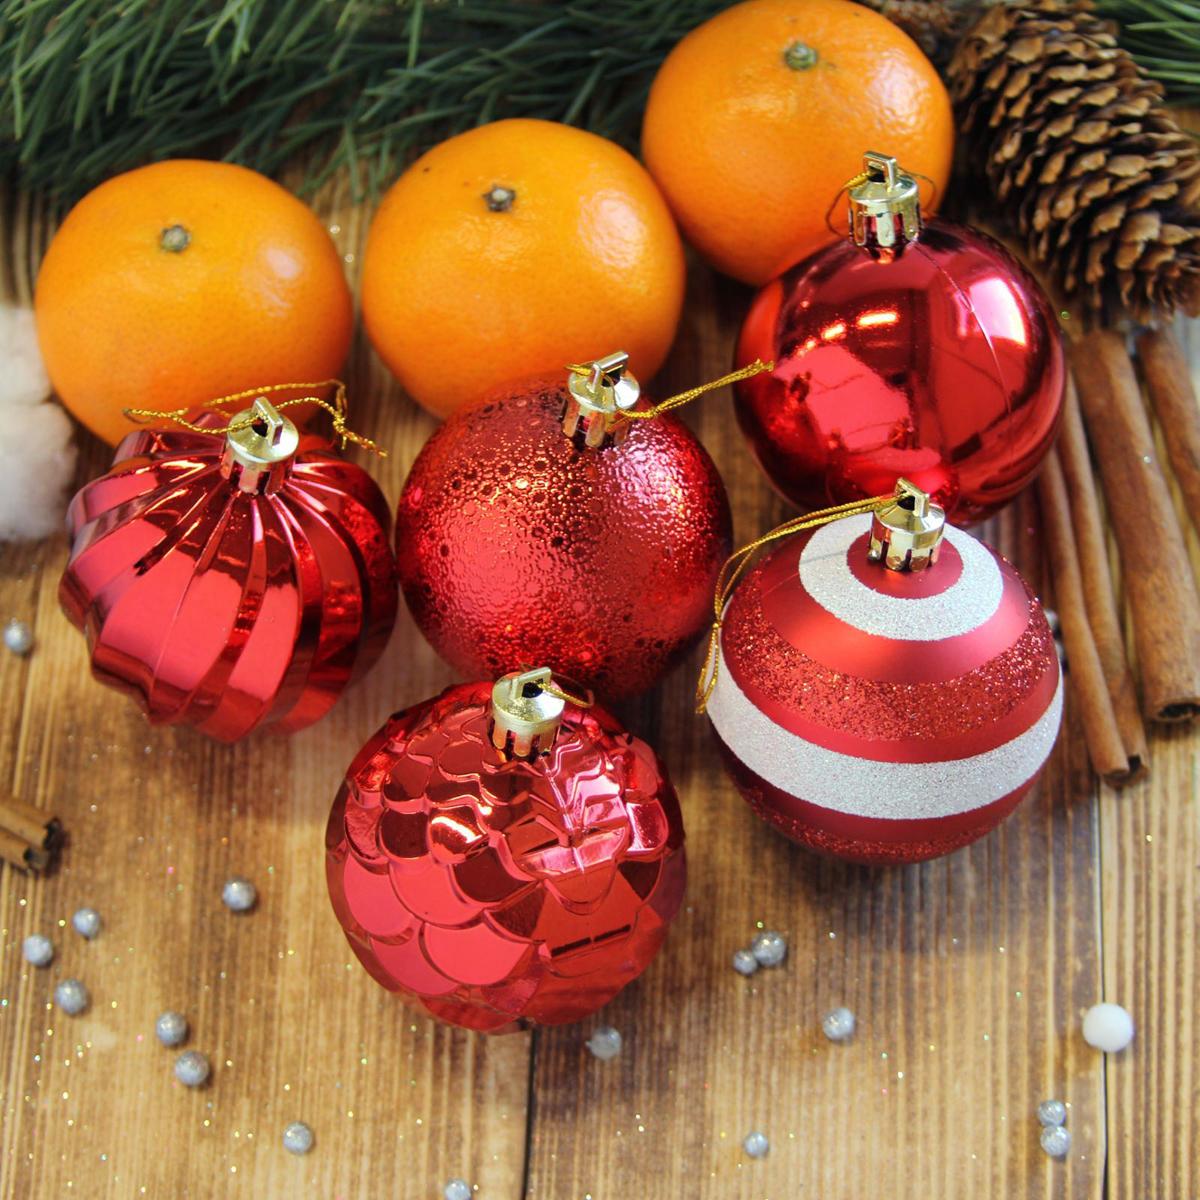 Набор новогодних подвесных украшений Sima-land Элит, цвет: красный, диаметр 6 см, 20 шт2123022Набор новогодних подвесных украшений Sima-land отлично подойдет для декорации вашего дома и новогодней ели. С помощью специальной петельки украшение можно повесить в любом понравившемся вам месте. Но, конечно, удачнее всего оно будет смотреться на праздничной елке. Елочная игрушка - символ Нового года. Она несет в себе волшебство и красоту праздника. Создайте в своем доме атмосферу веселья и радости, украшая новогоднюю елку нарядными игрушками, которые будут из года в год накапливать теплоту воспоминаний.